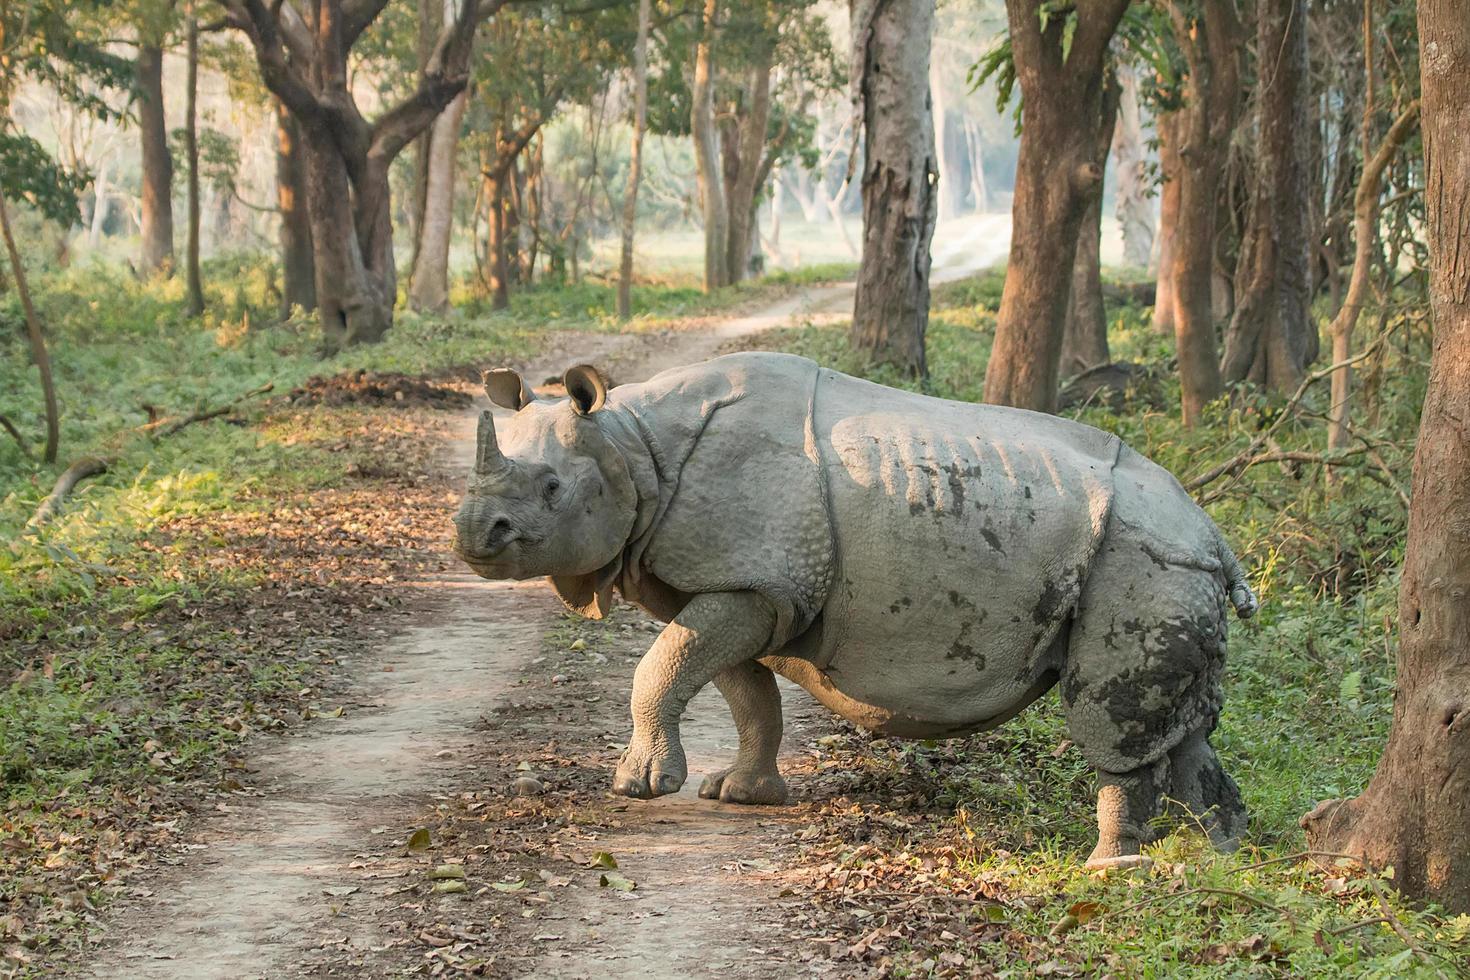 neushoorn bij het lopen over een weg foto